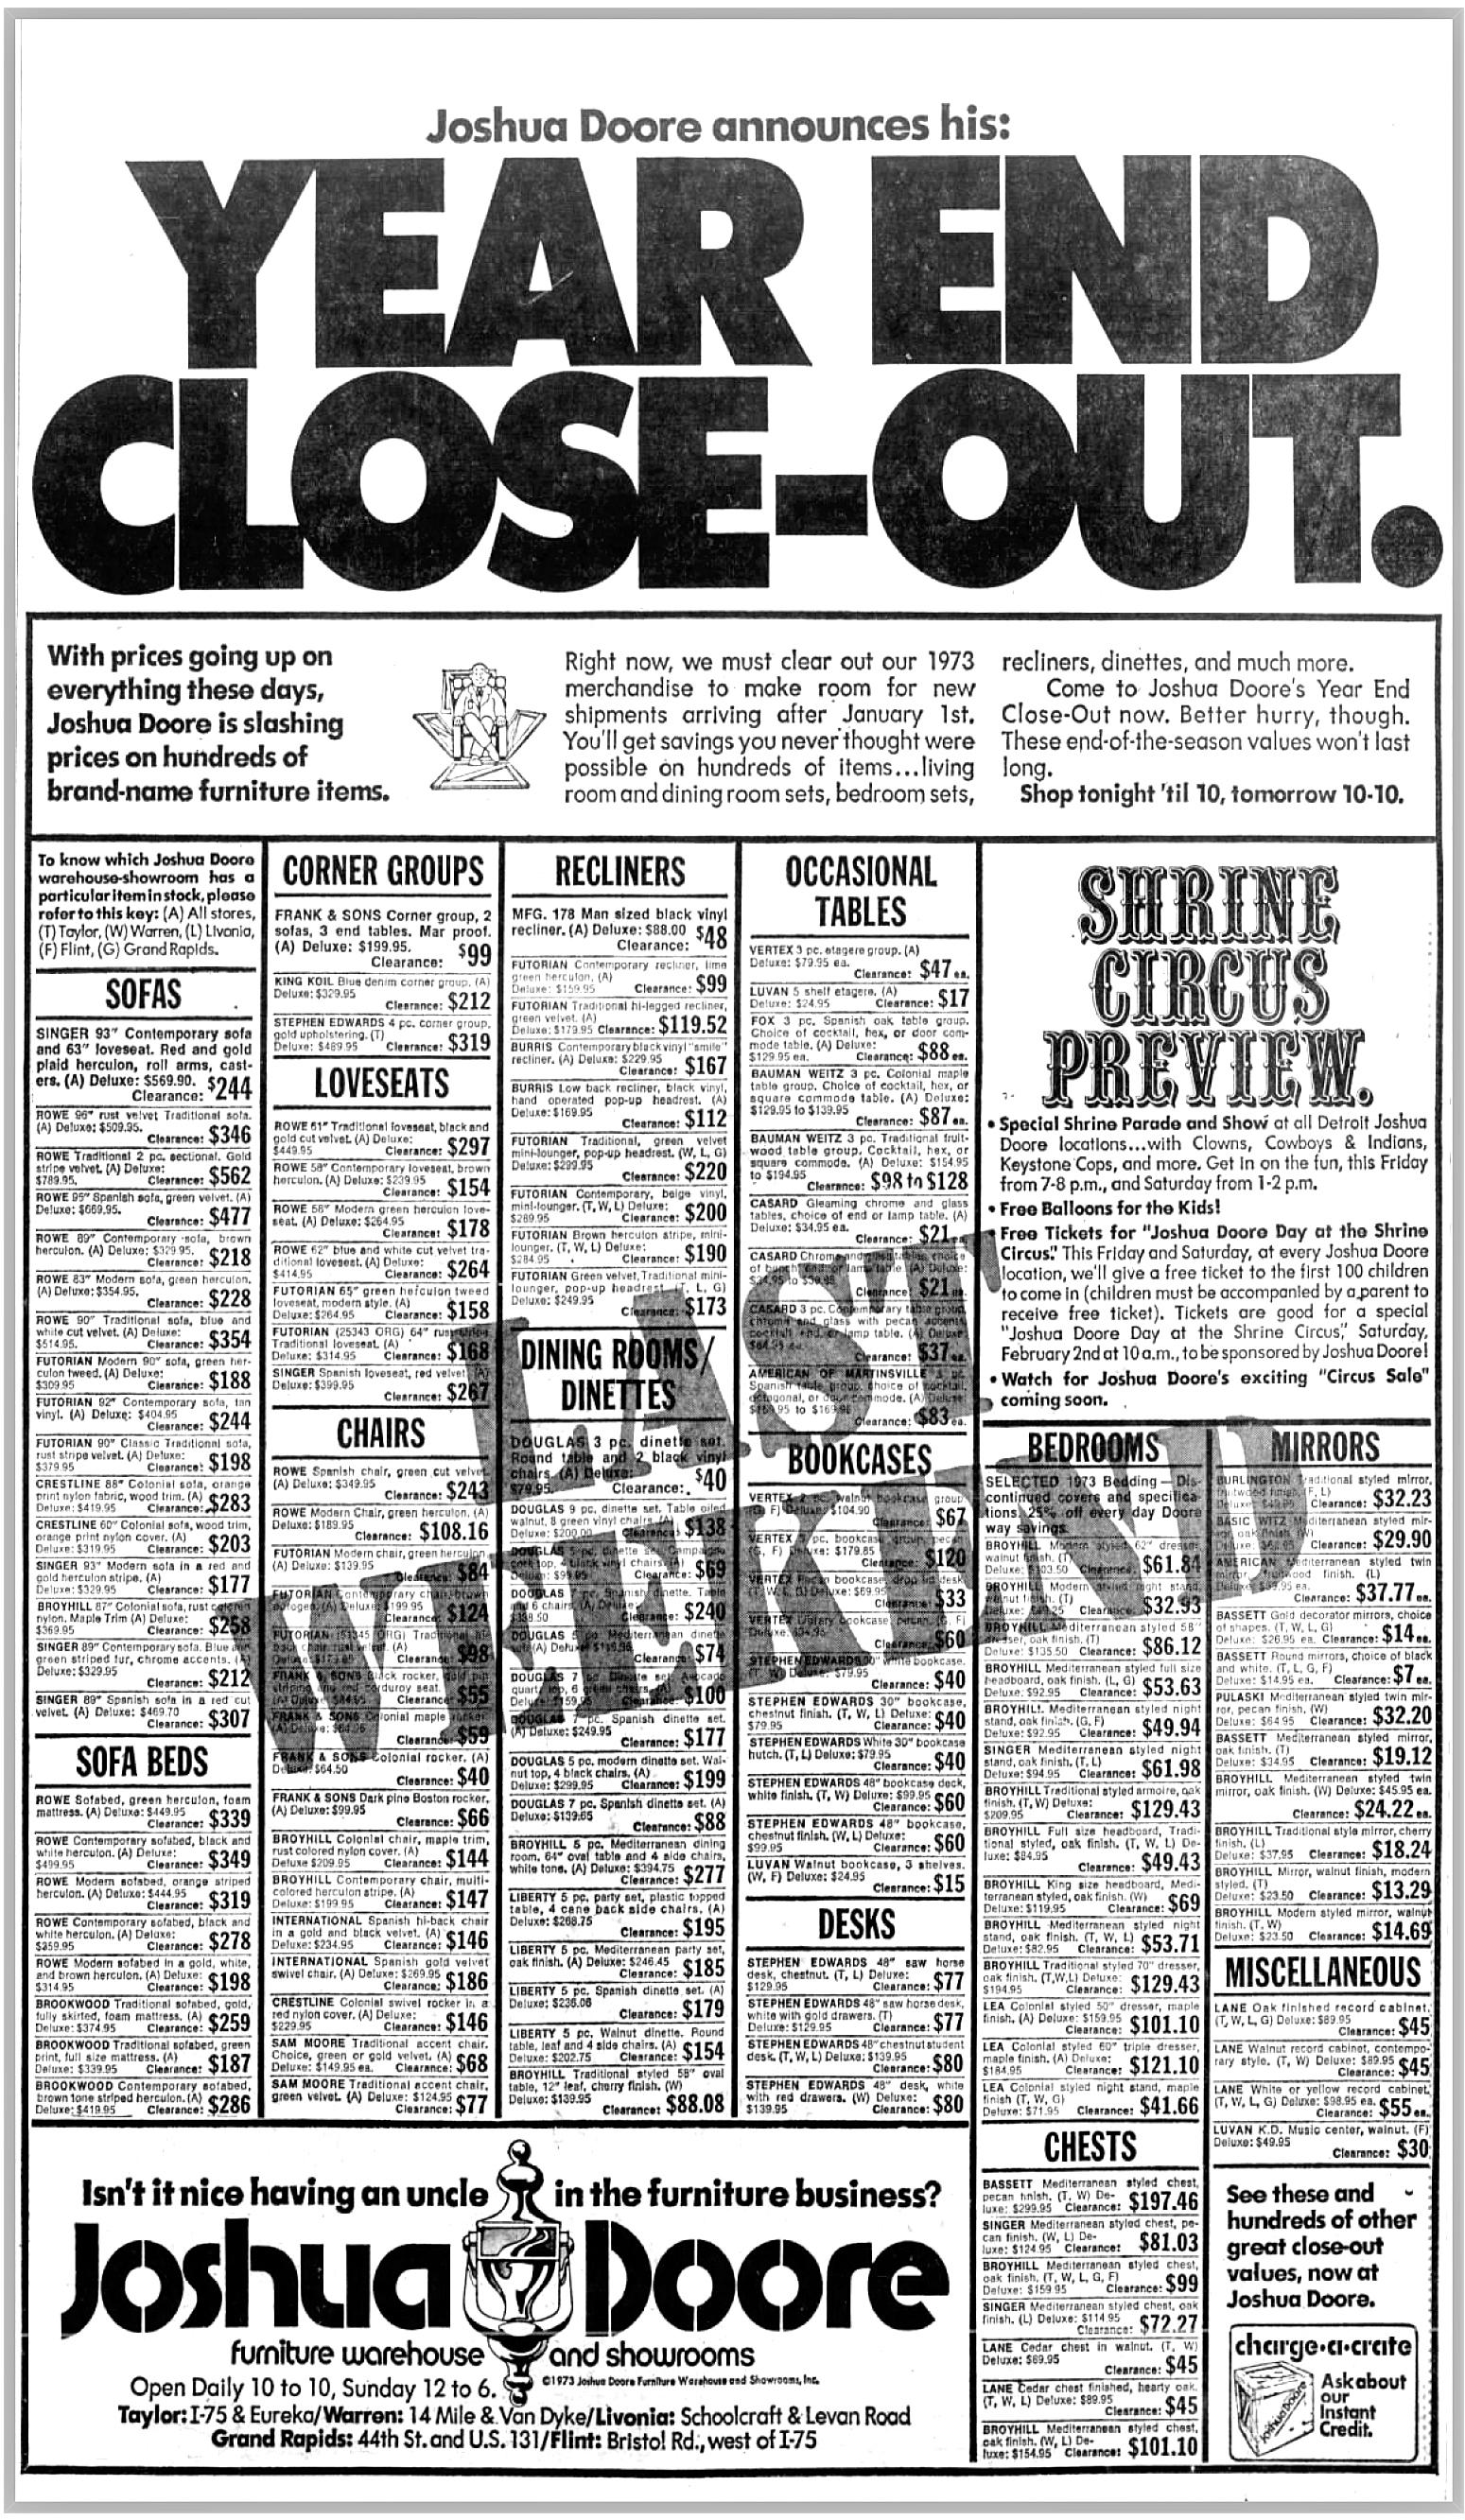 Detroit_Free_Press_Fri__Dec_28__1973_Joshua_Doore_(mcrfb)